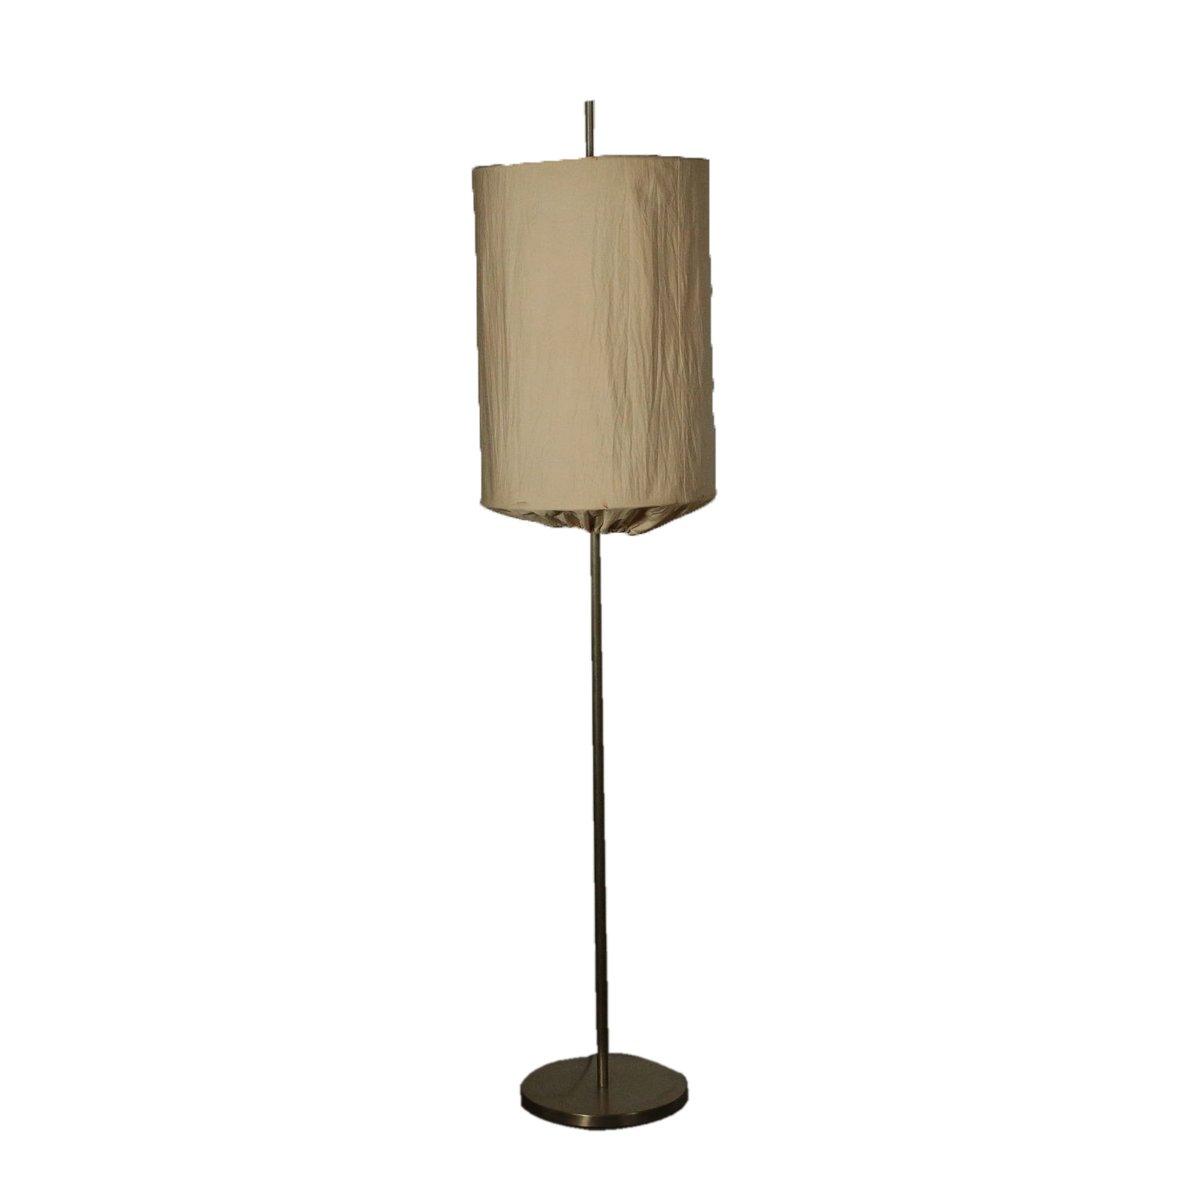 italienische stehlampe mit s ule aus aluminium stoffschirm 1960er hauskrankenpflege isabella. Black Bedroom Furniture Sets. Home Design Ideas